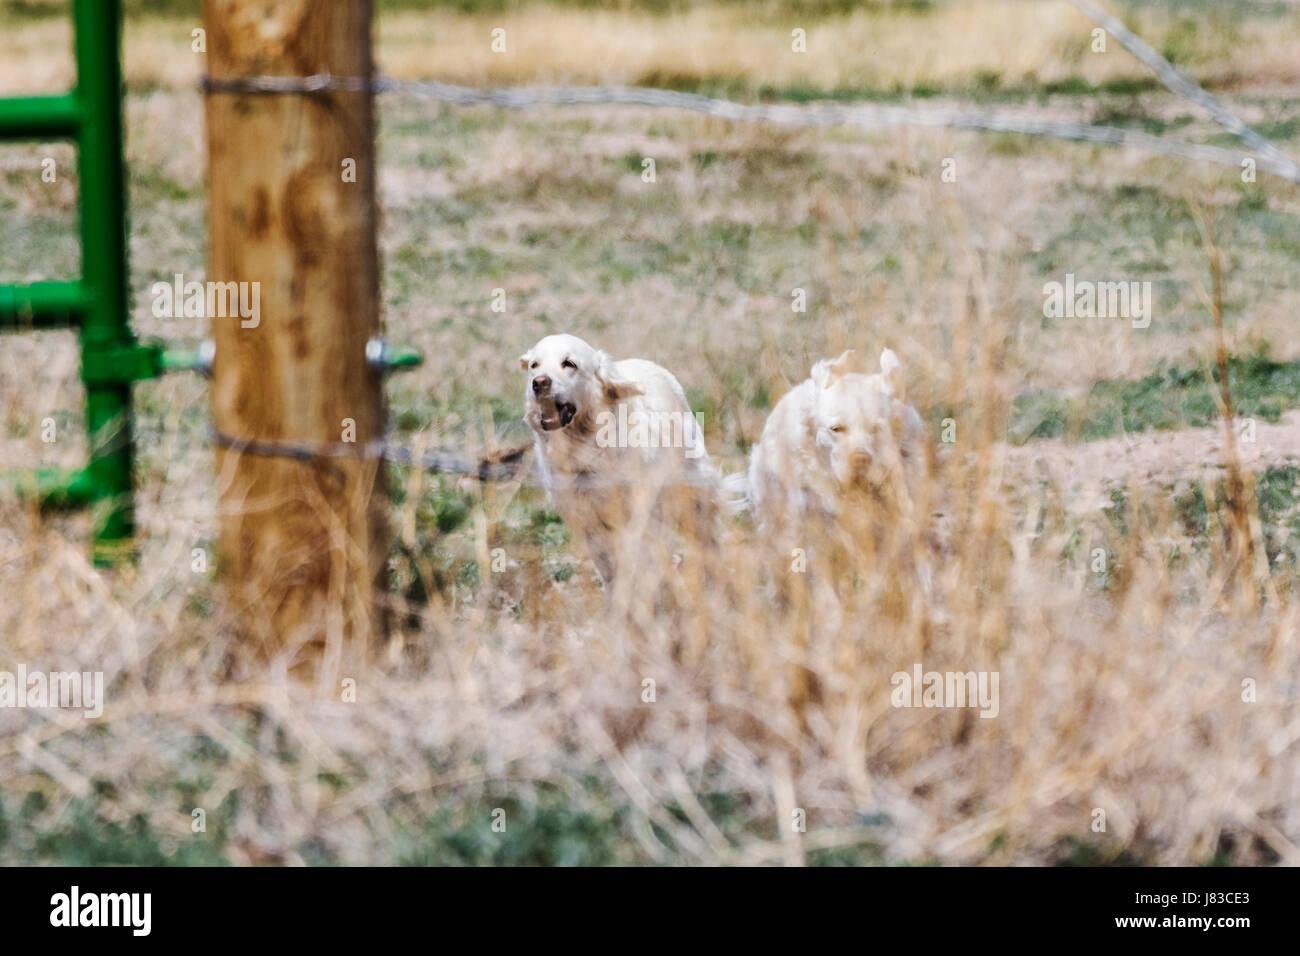 Platin farbige Golden Retriever Hunde laufen auf einer zentralen Colorado Ranch; USA Stockbild